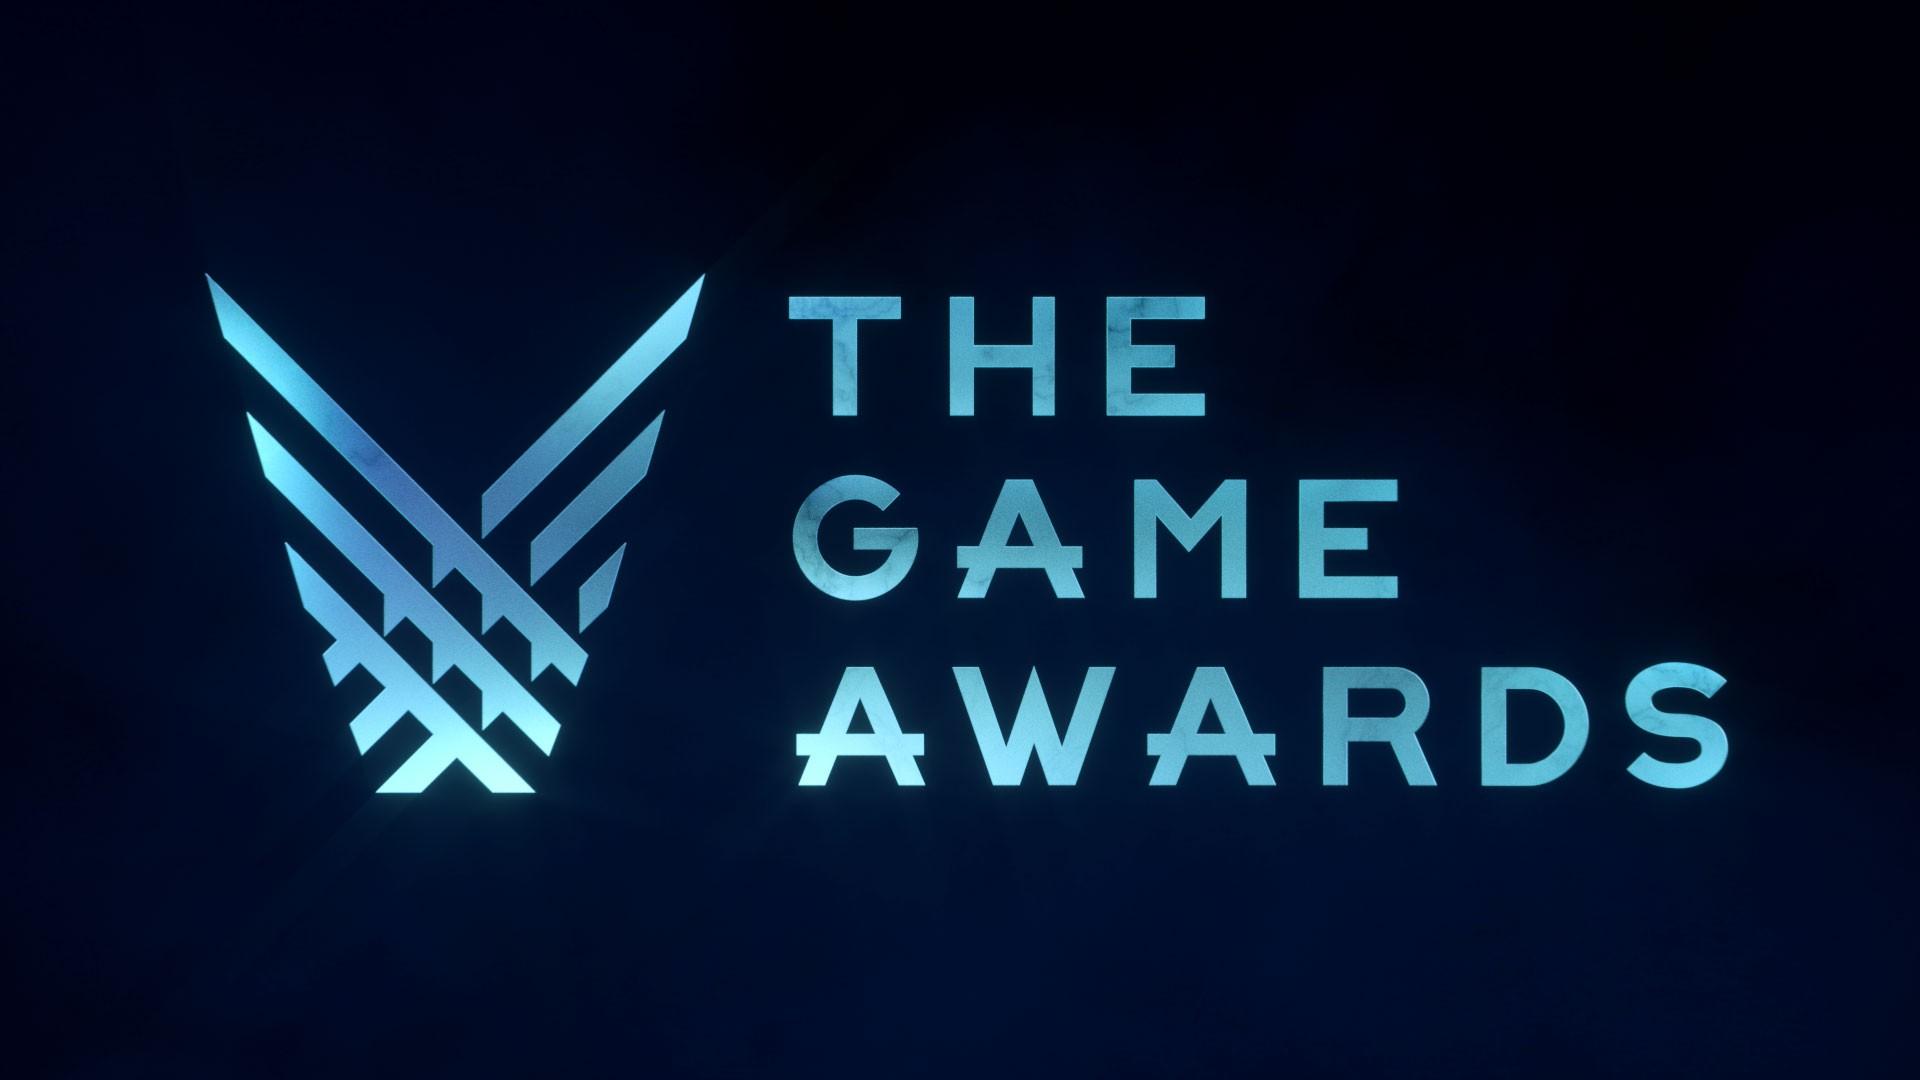 Overwatch получила звание киберспортивной игры года на The Game Awards 2018